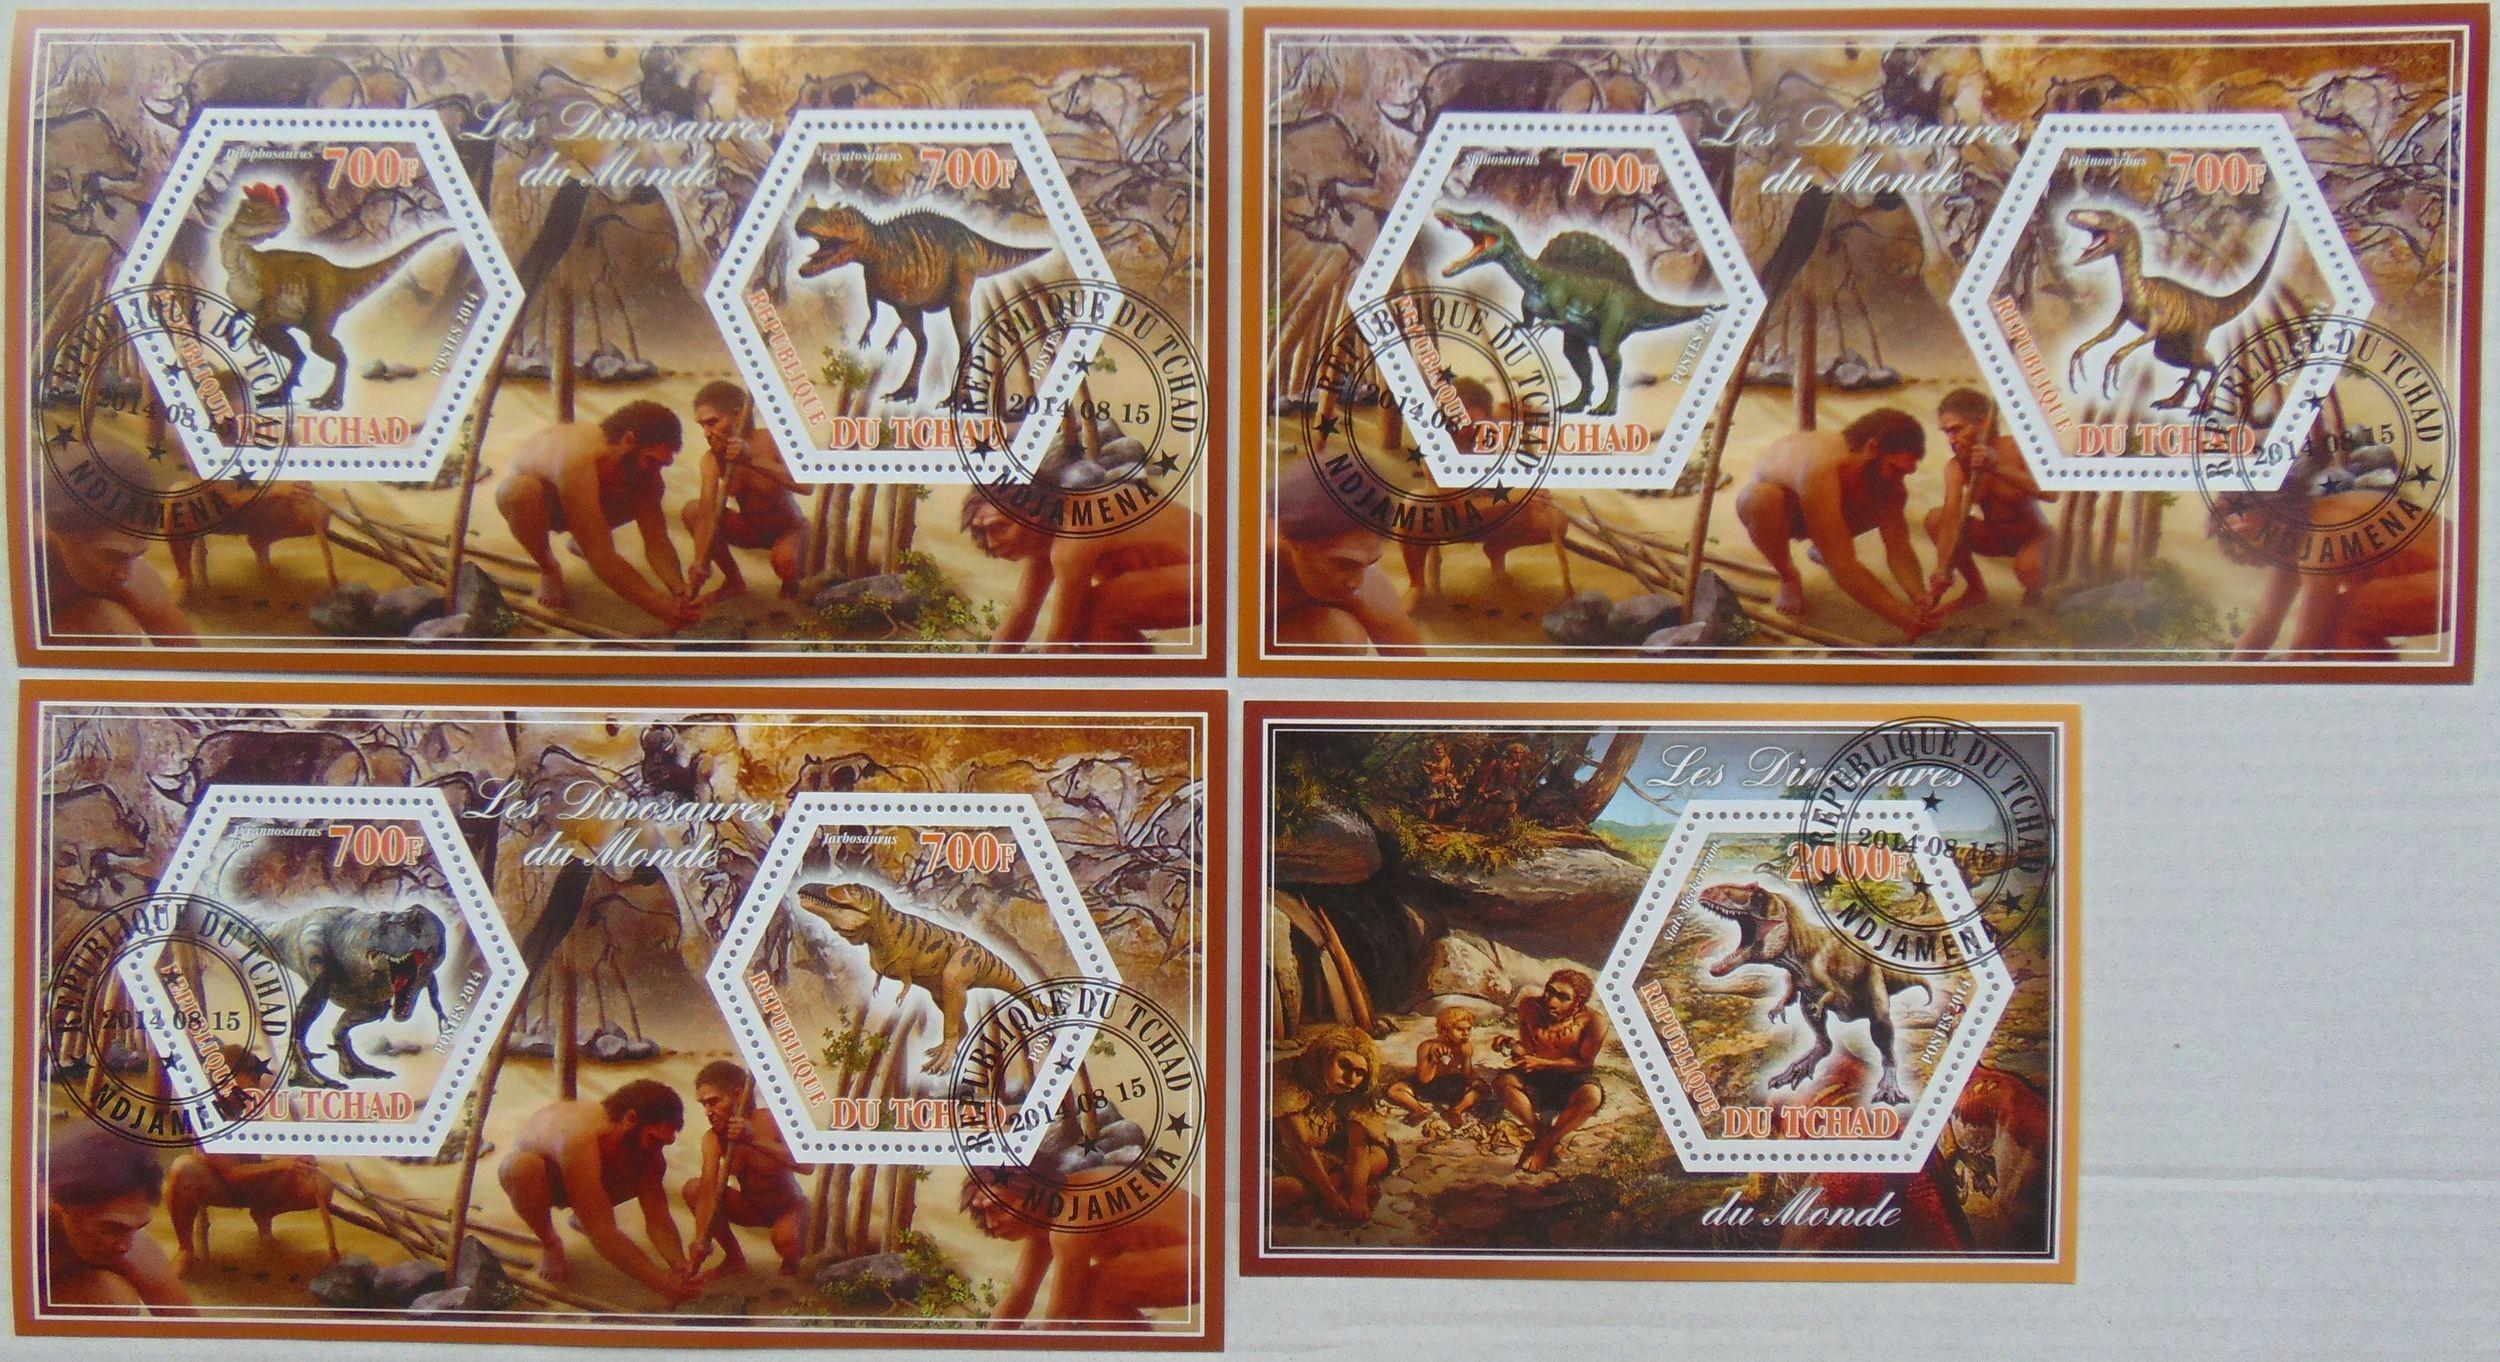 Доисторические динозавры. Чад набор из 4 блоков # 05119a-d